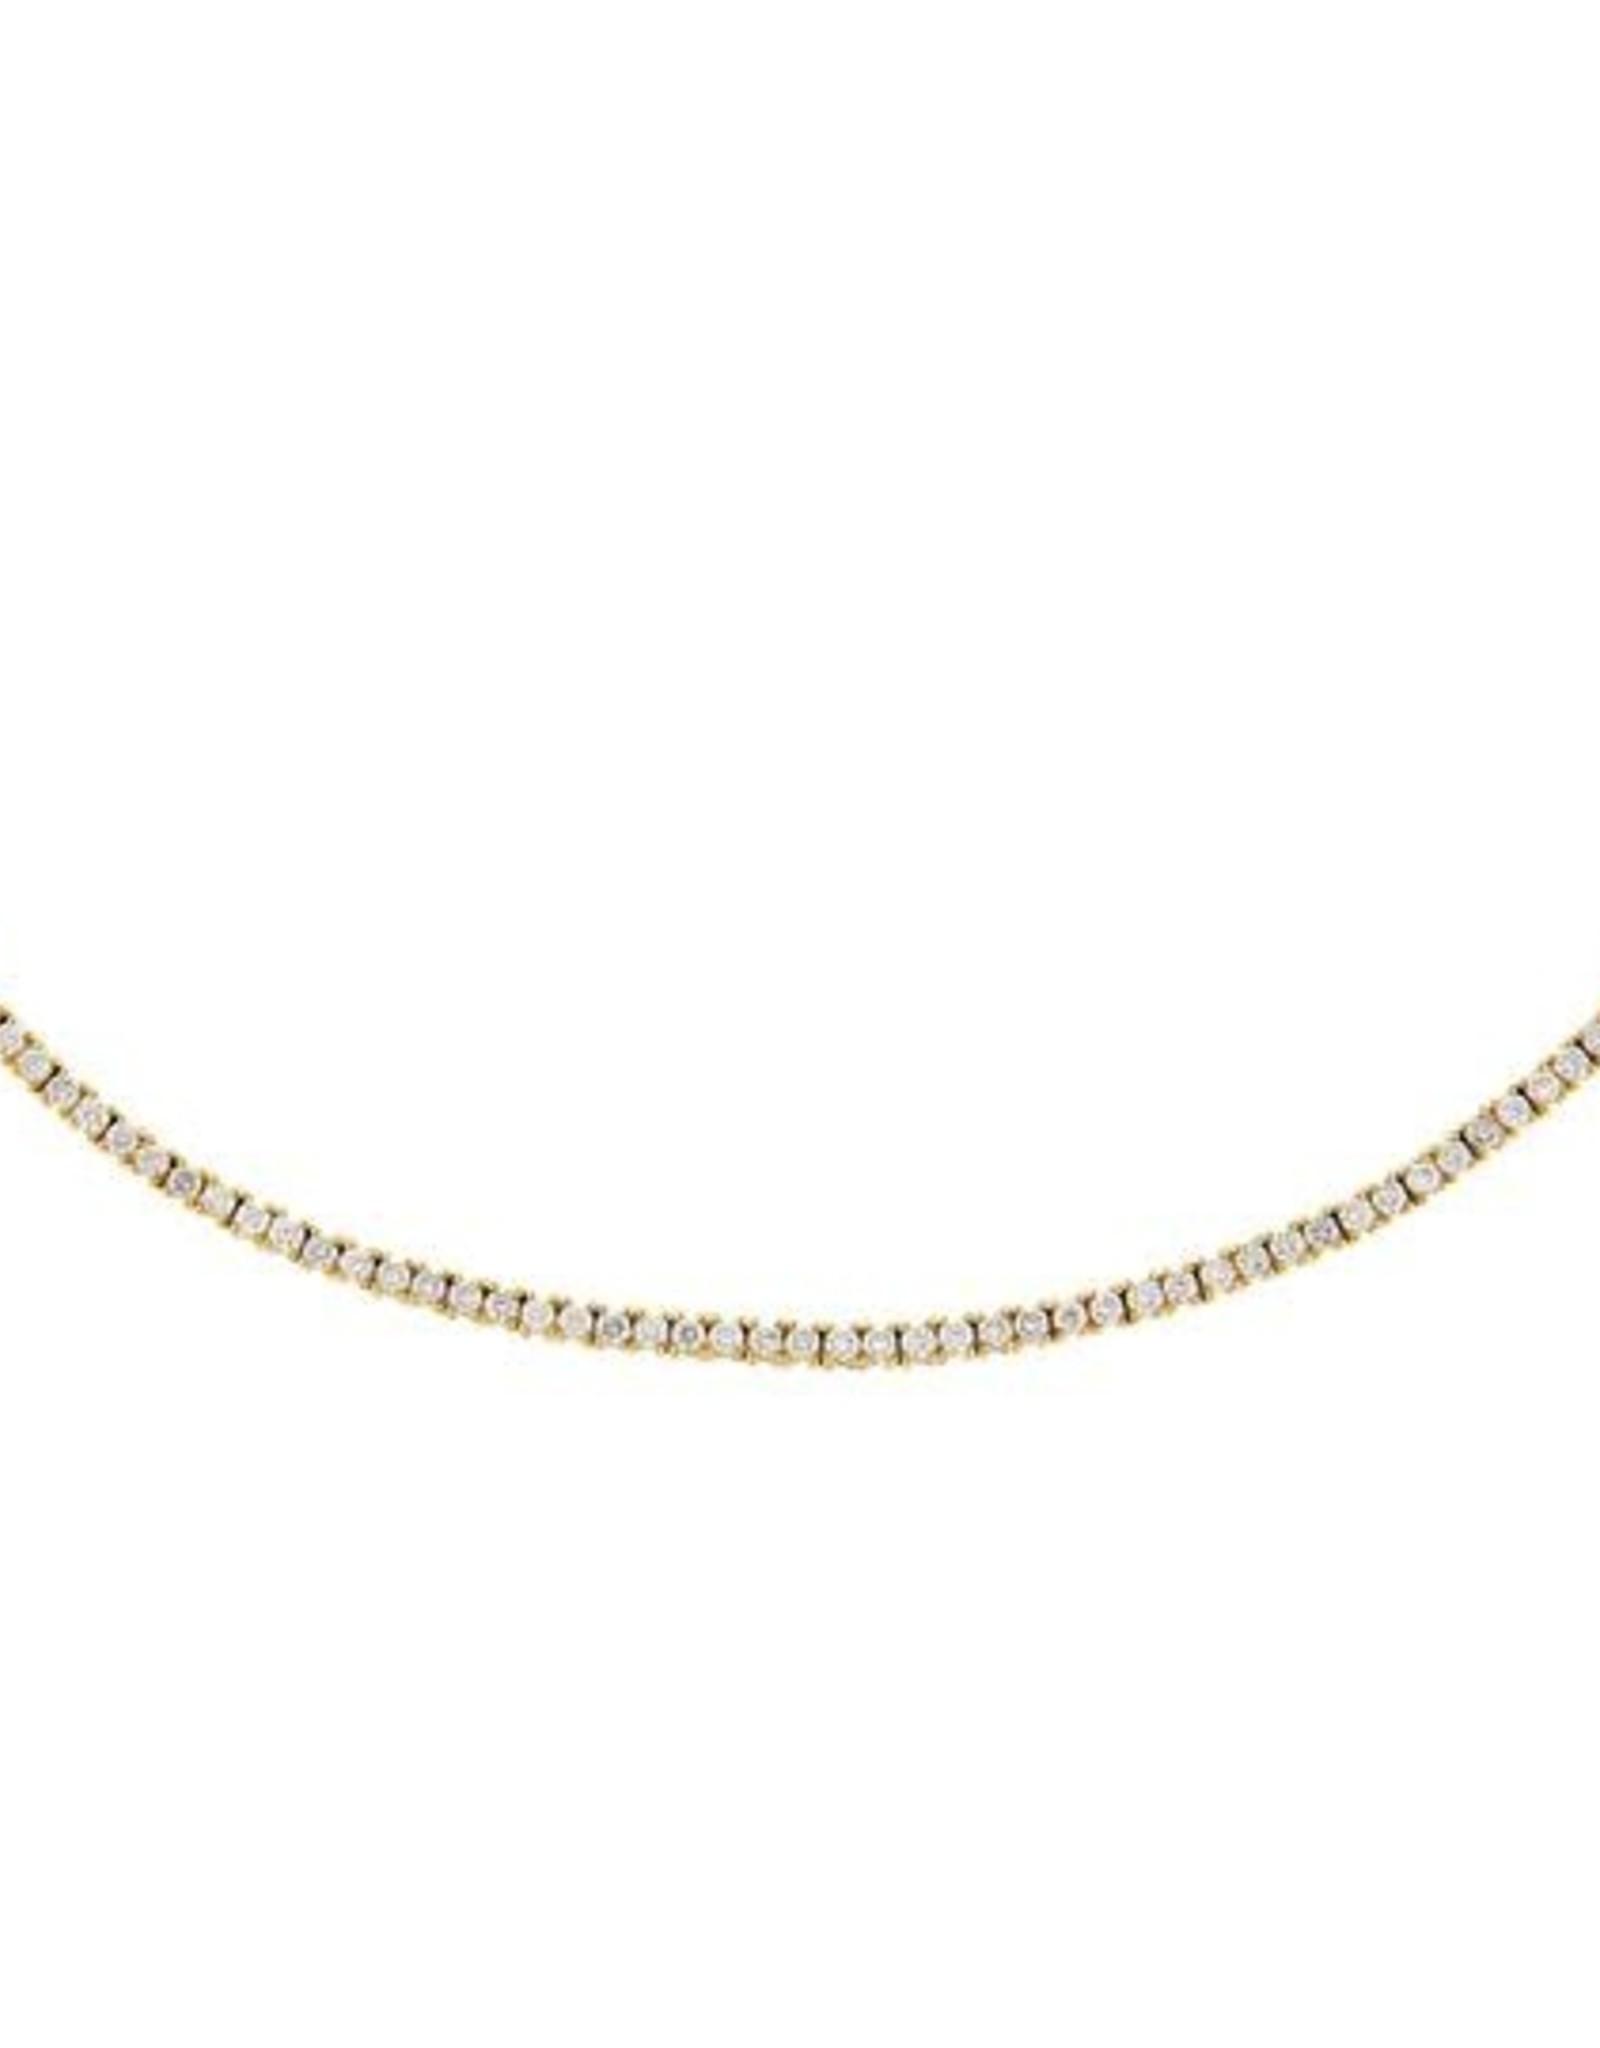 Adinas Diamond Thin Tennis Necklace 14K